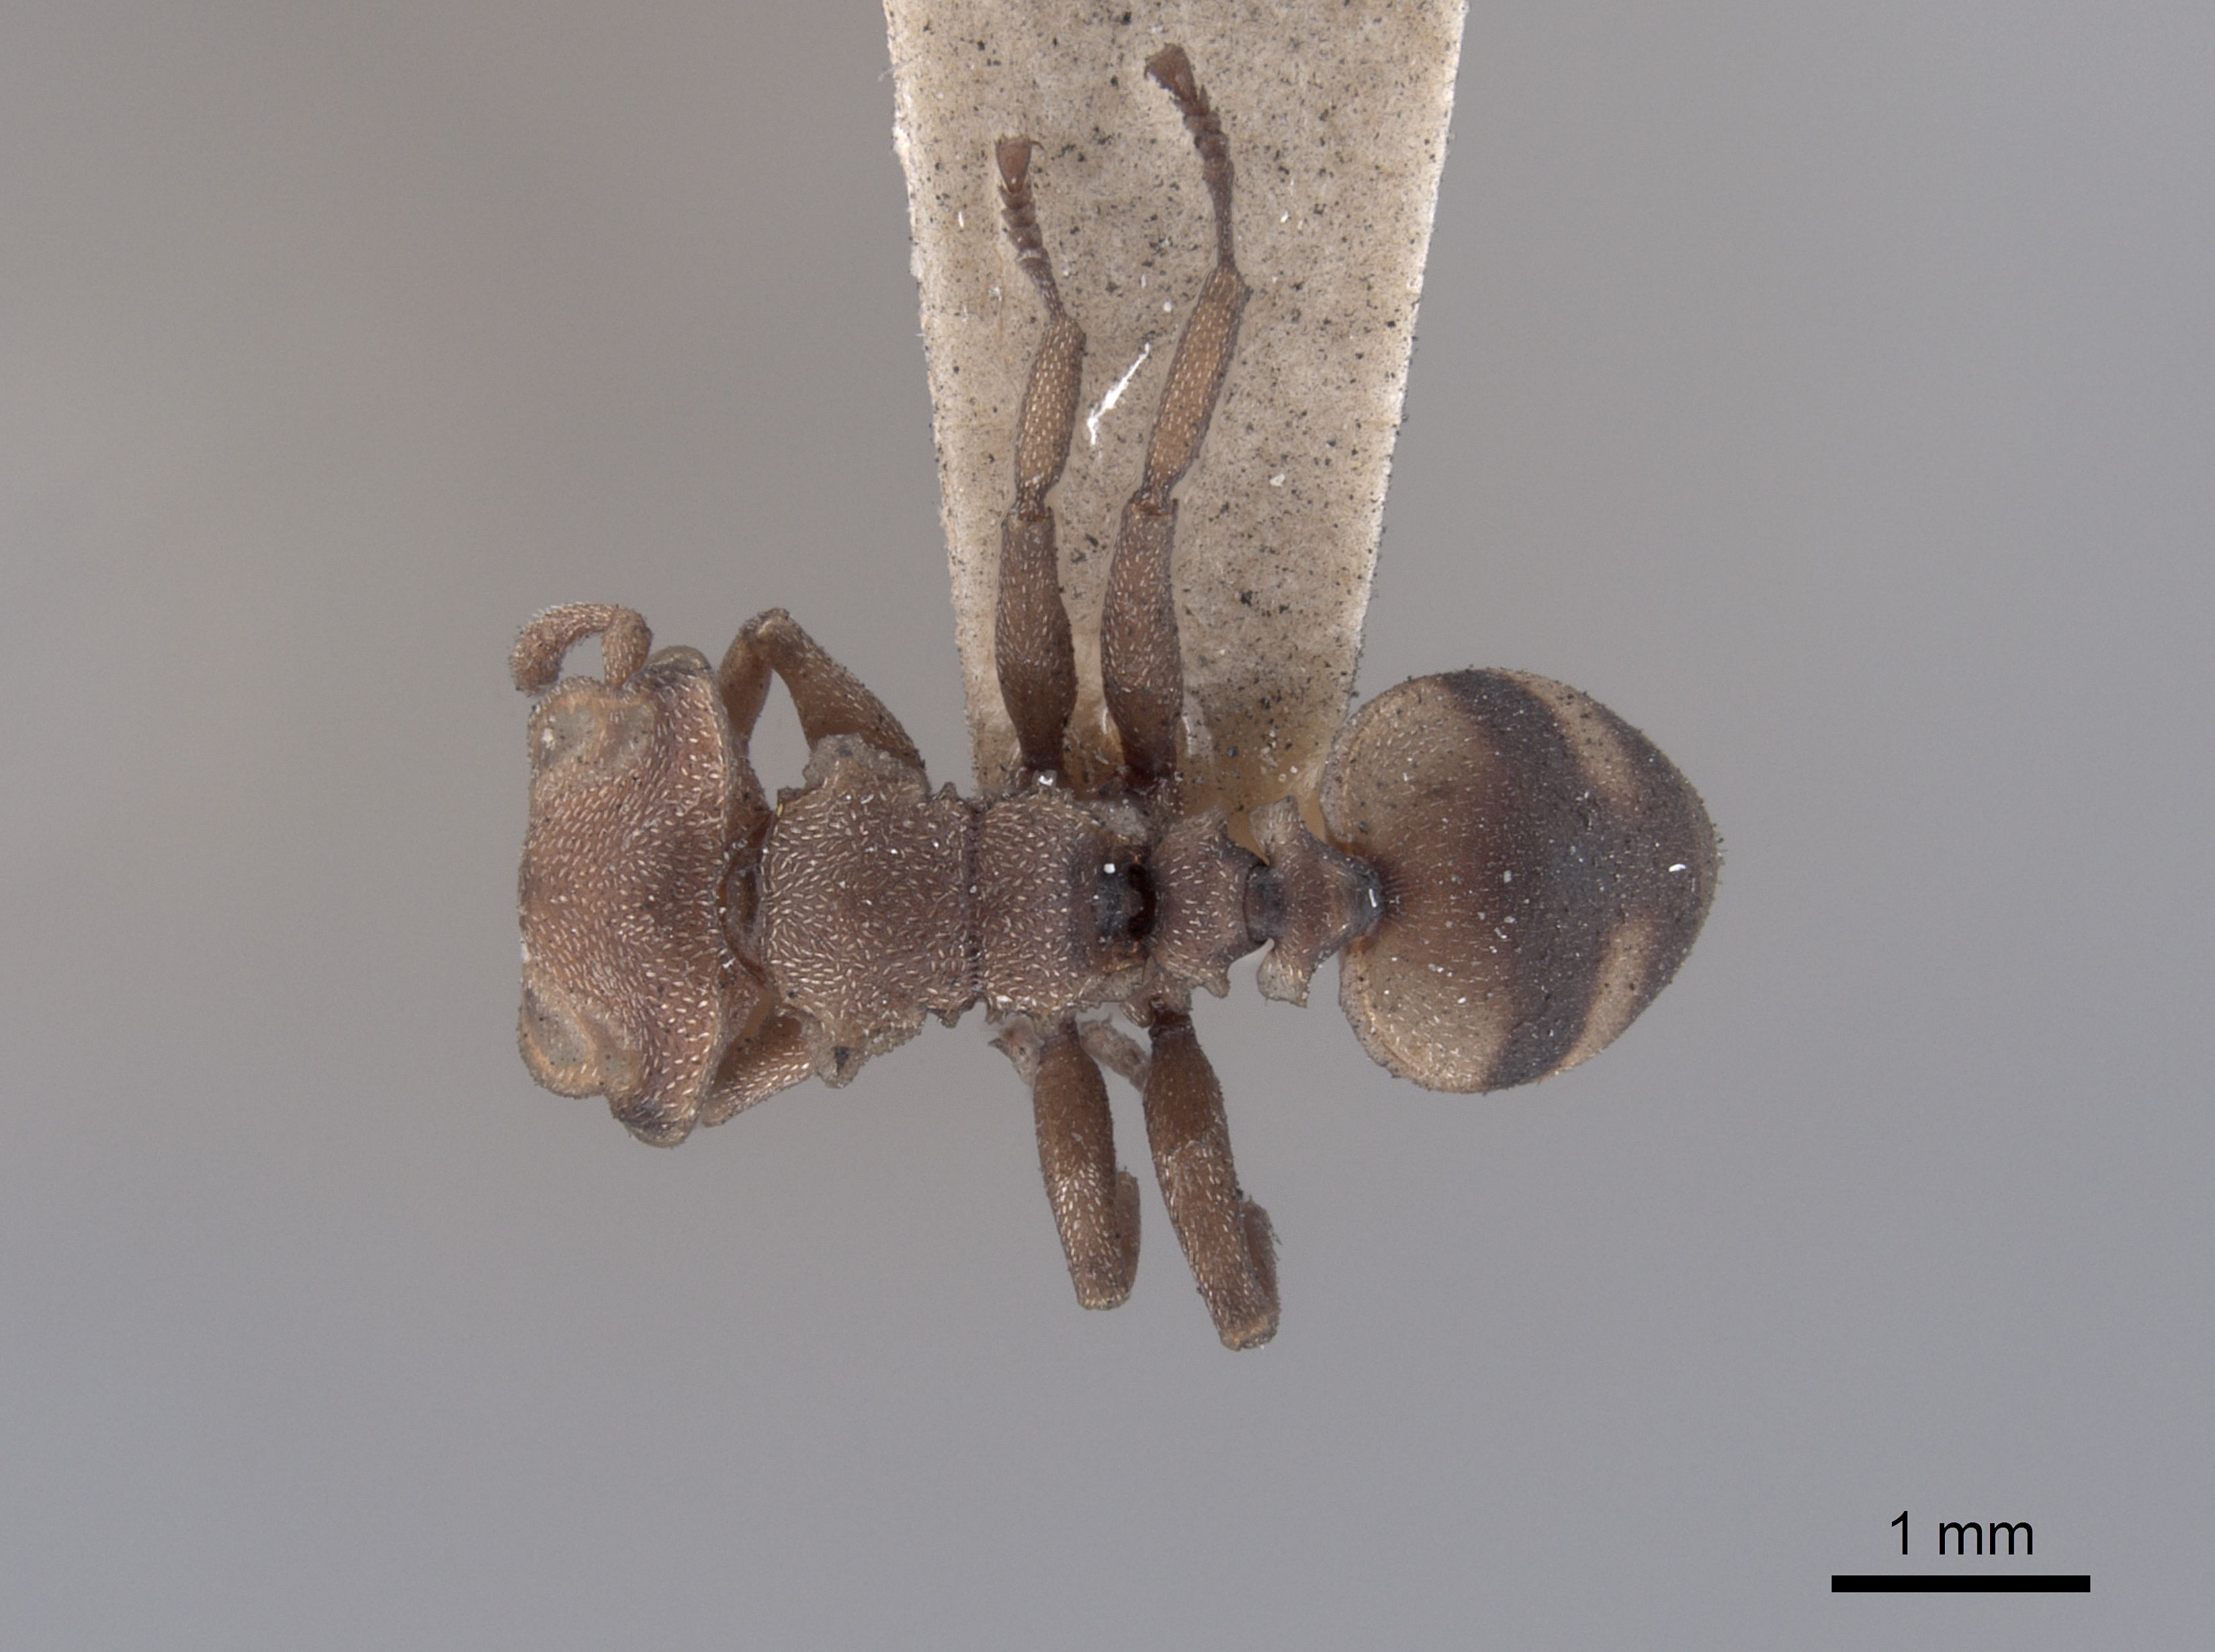 Image of Cephalotes umbraculatus